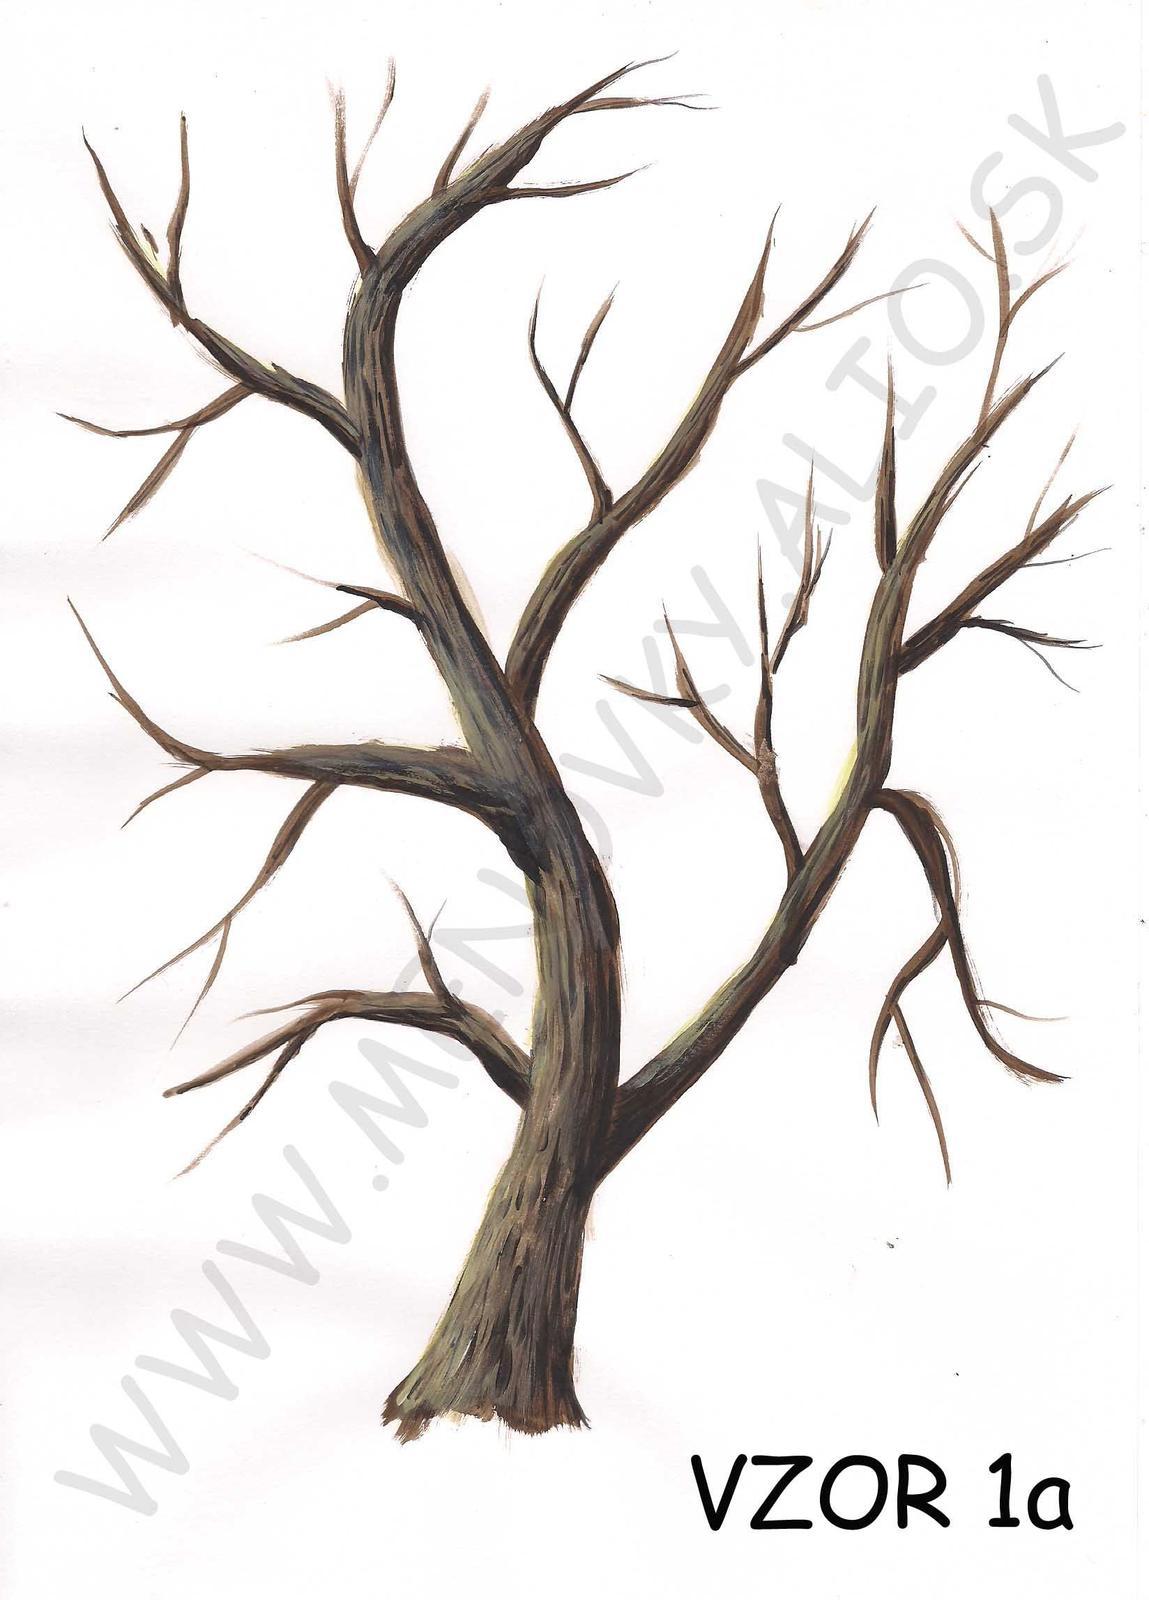 svadobny strom priania - Obrázok č. 3